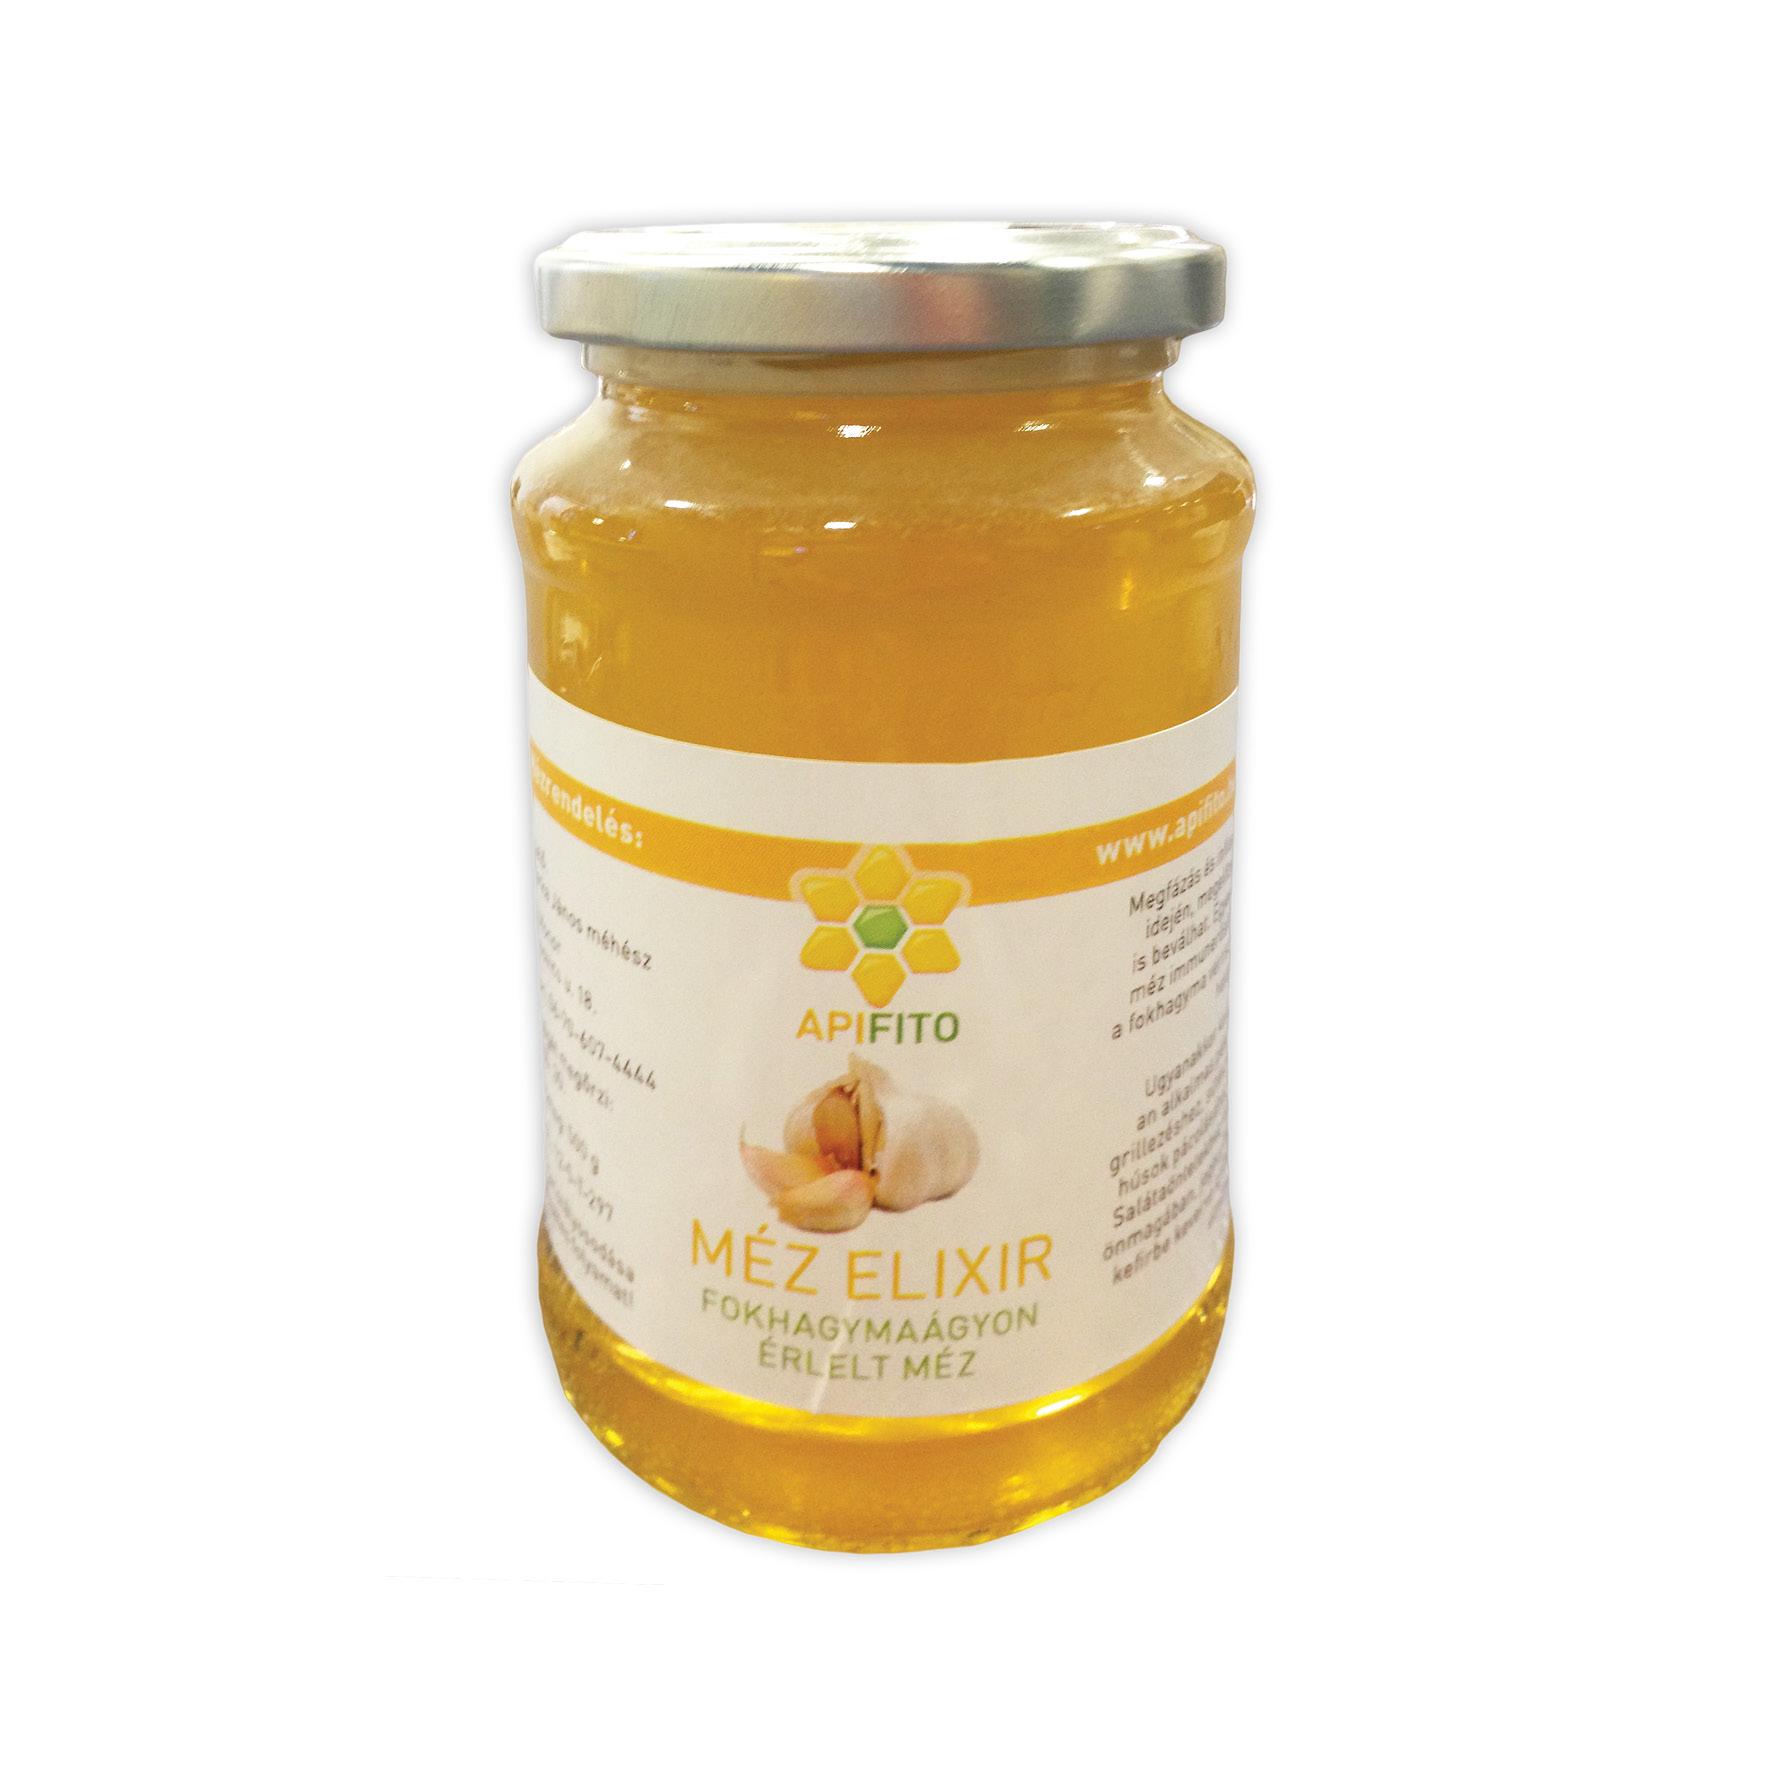 Fertőzések, fogbetegségek és fekély ellen: így hat a manuka méz